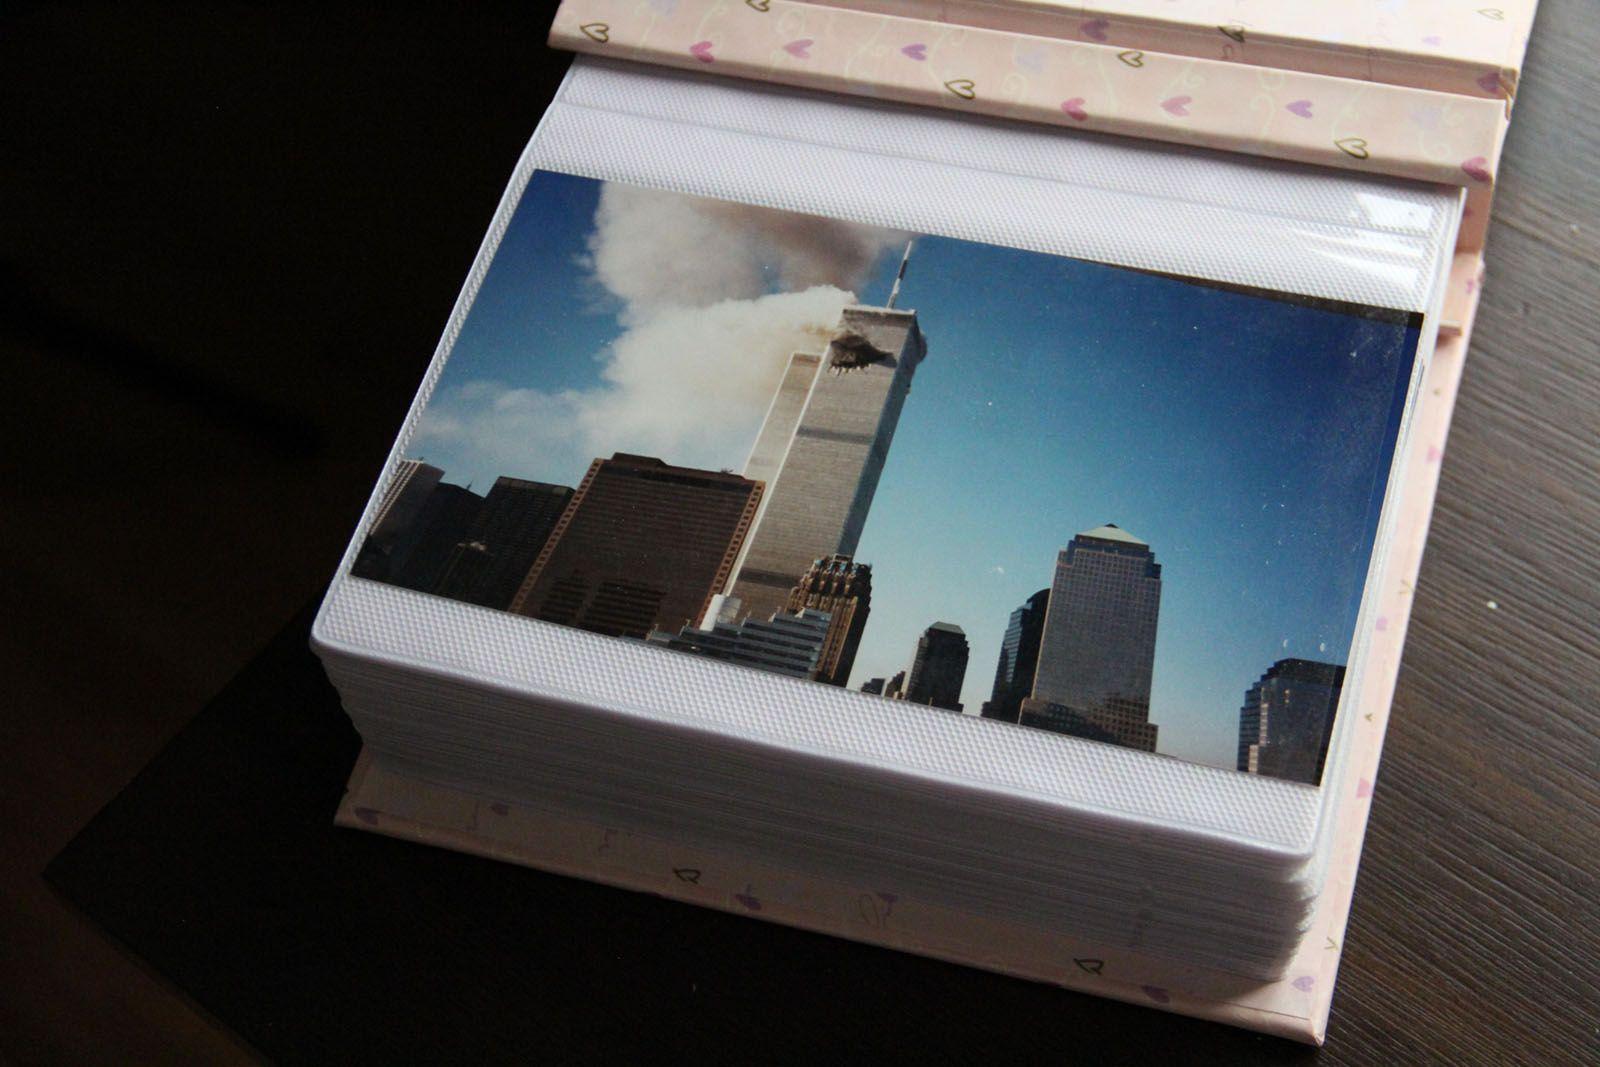 إحدي الصور بالألبوم